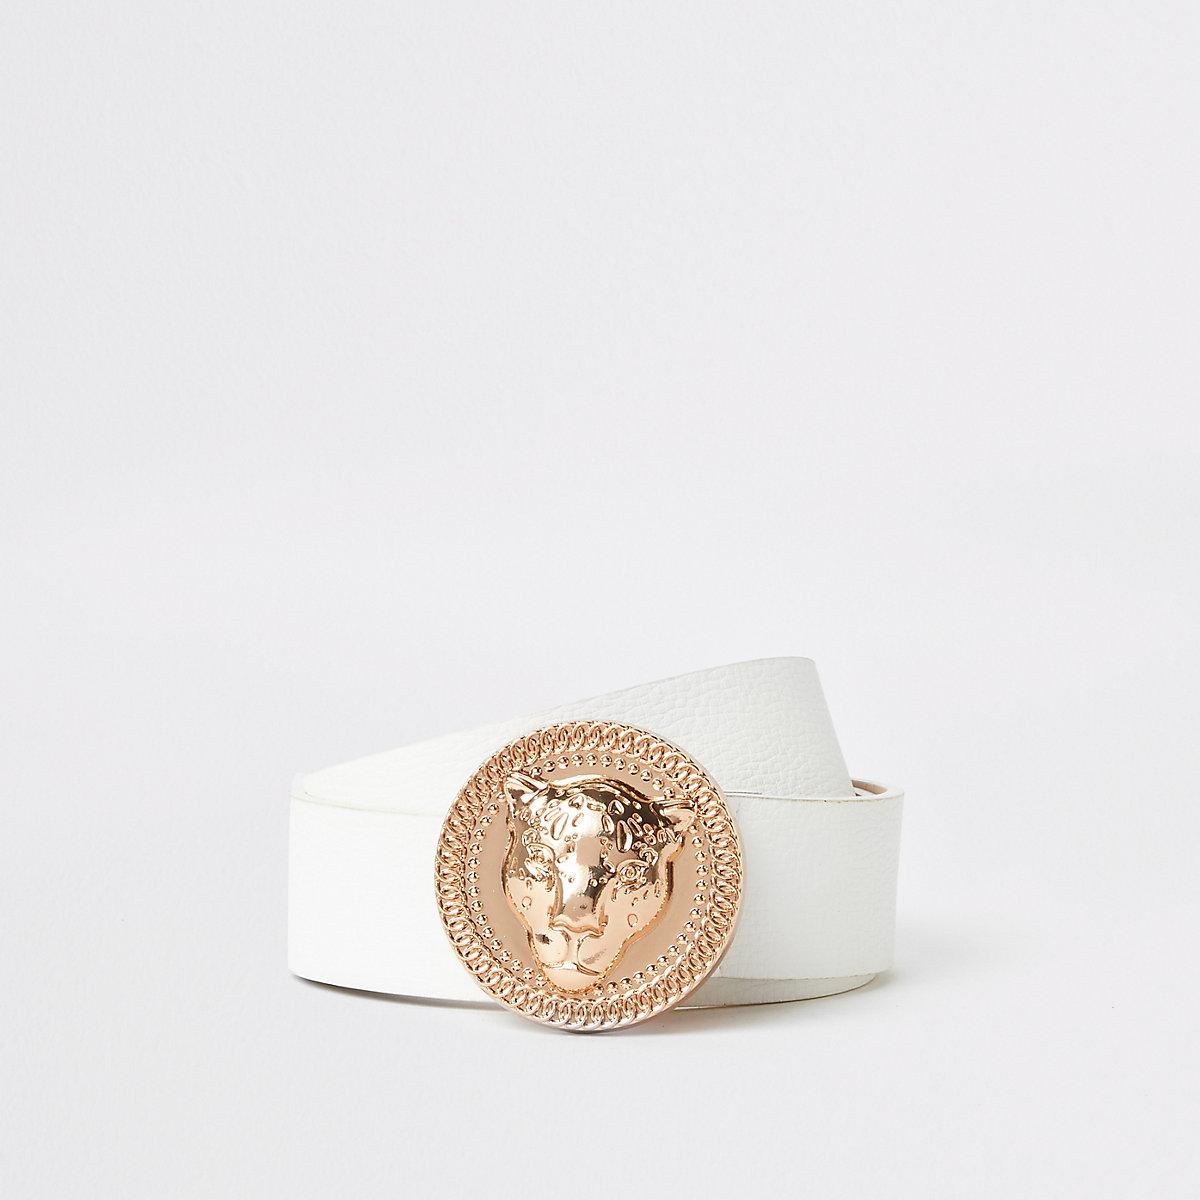 Ceinture blanche à boucle jaguar or rose - Ceintures - Accessoires ... 6ecda7ed807